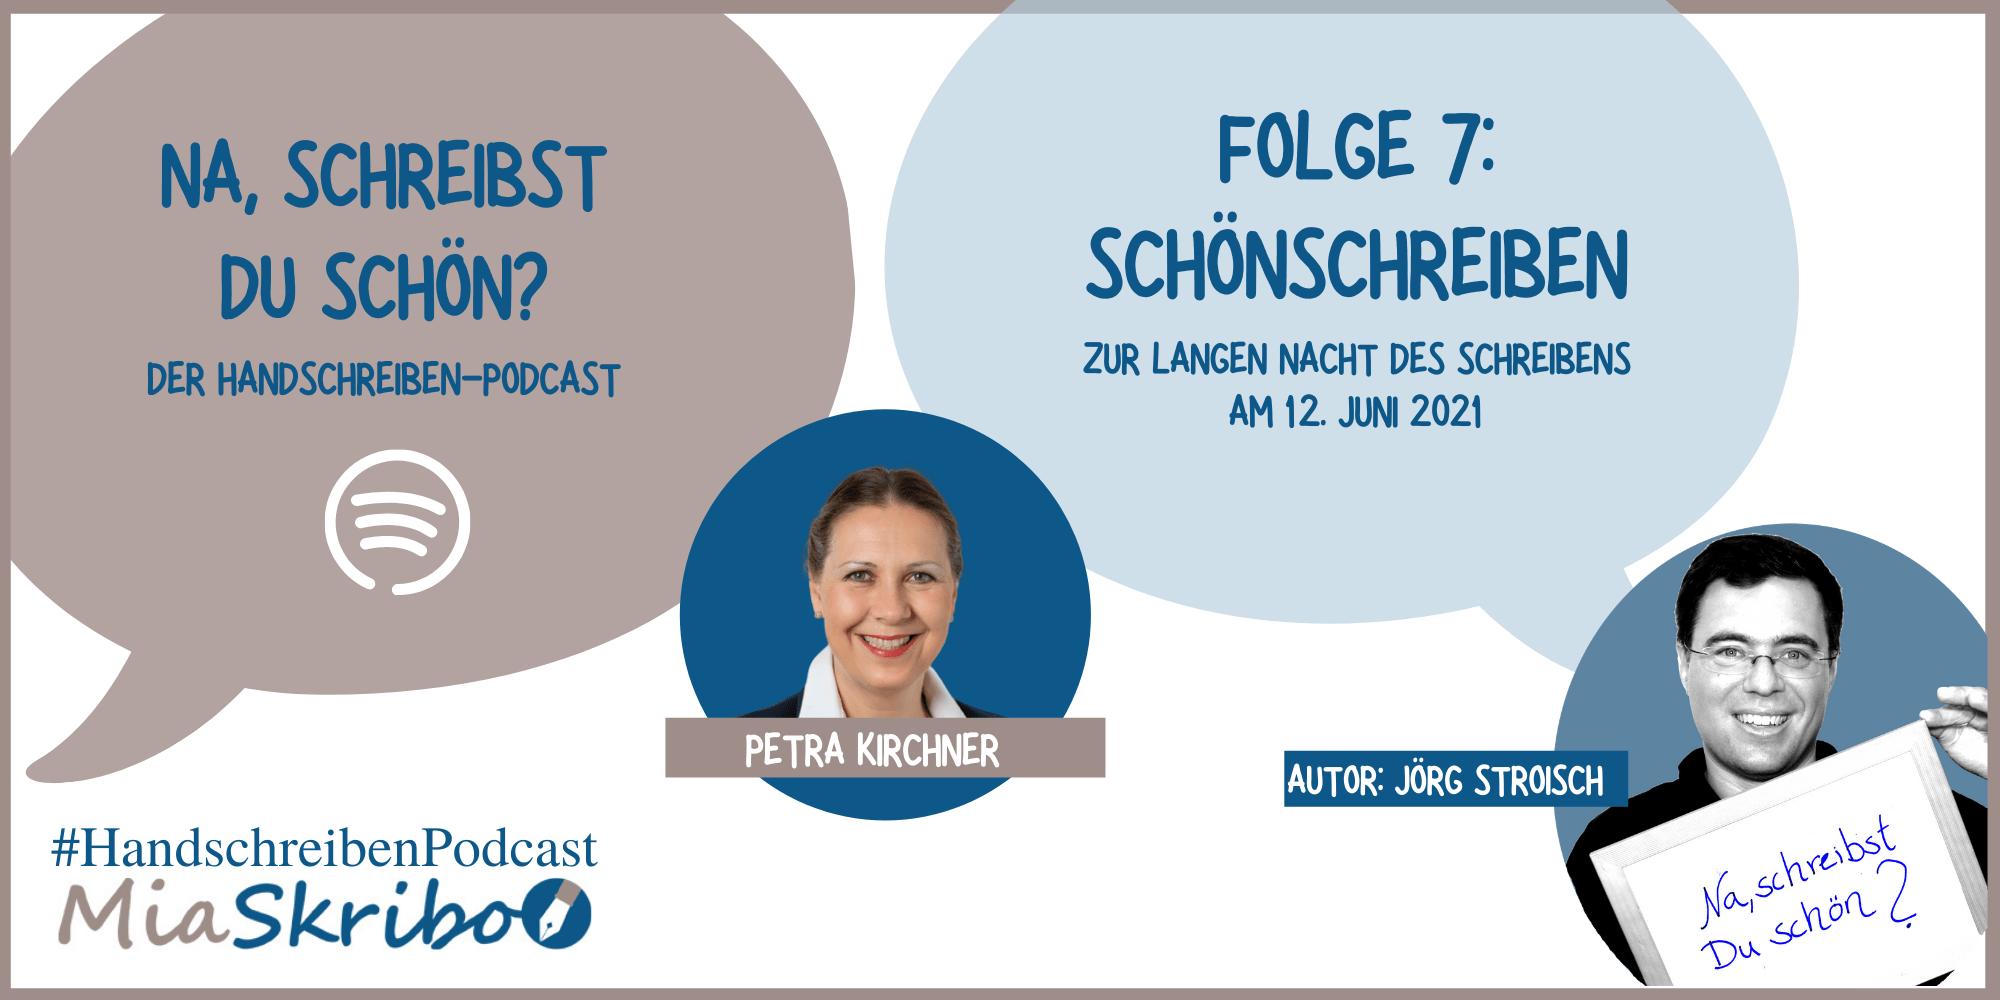 Petra Kirchner erzählt in diesem Podcast, was ihr an der Handschrift wichtig ist.